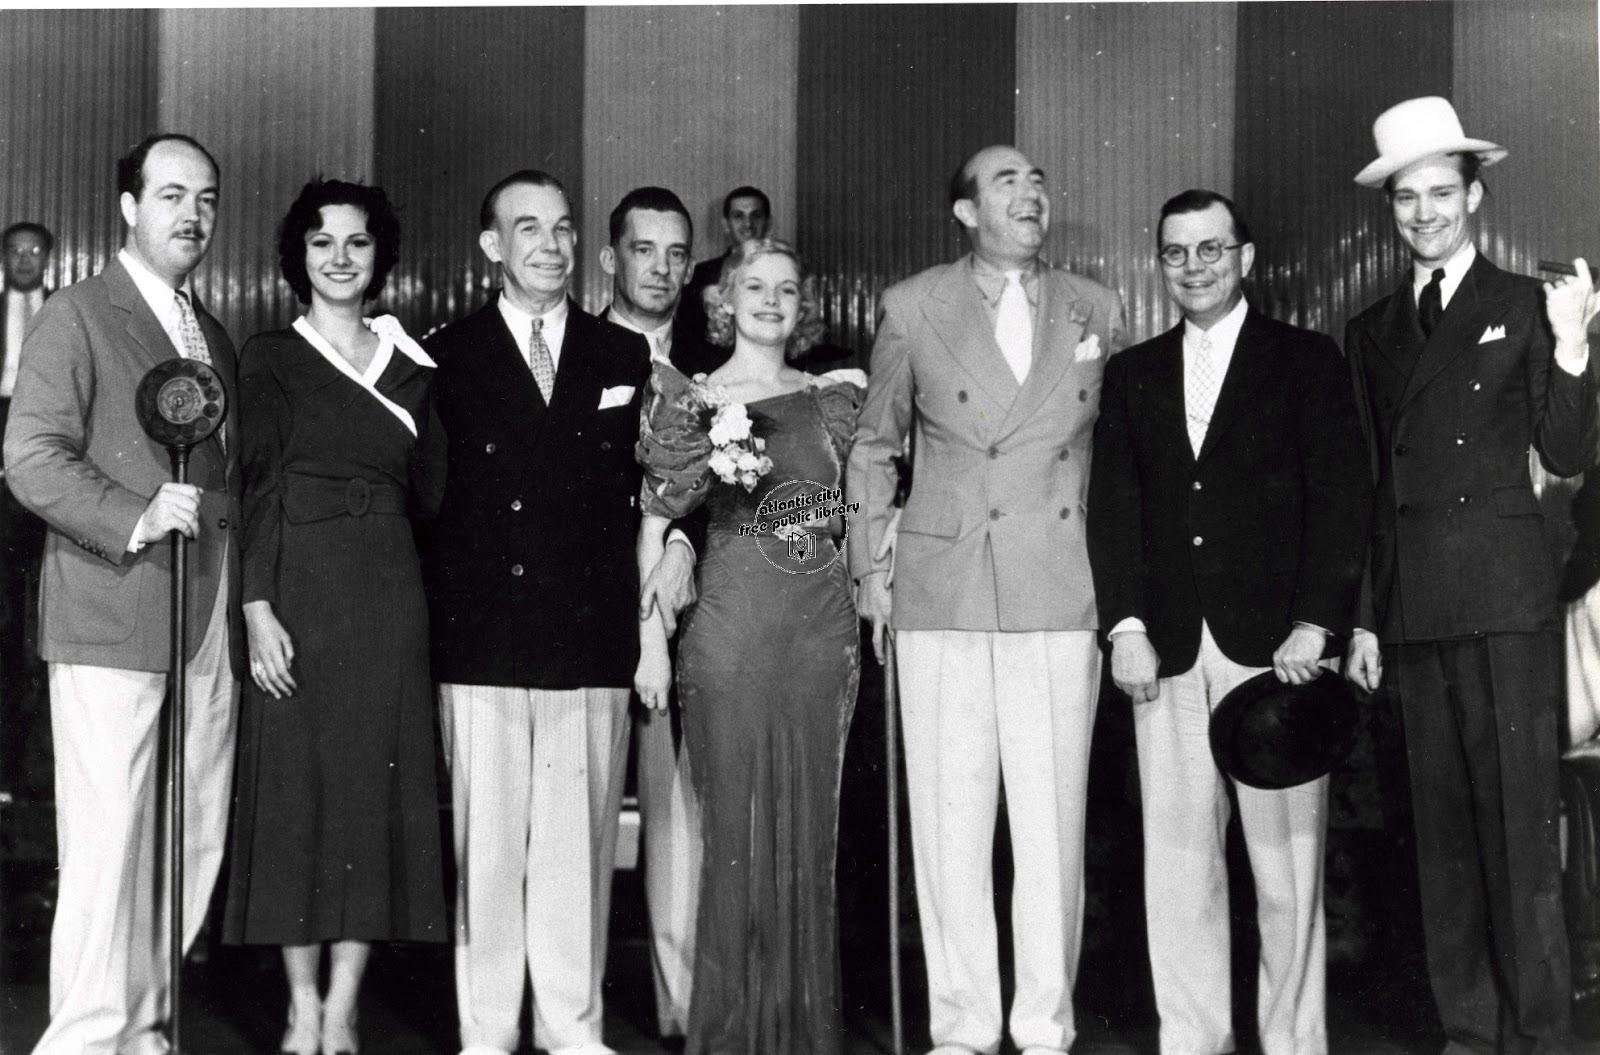 Светский лев: Джонсон (третий справа) с гостями устроенной им вечеринки в Атлантик-Сити. Рядом с ним Марион Бергерон, мисс Америка-1930 и Джозеф Кеннеди, отец будущего президента США. Он также сколотил состояние на нелегальной торговле спиртным (фото 1933 года)